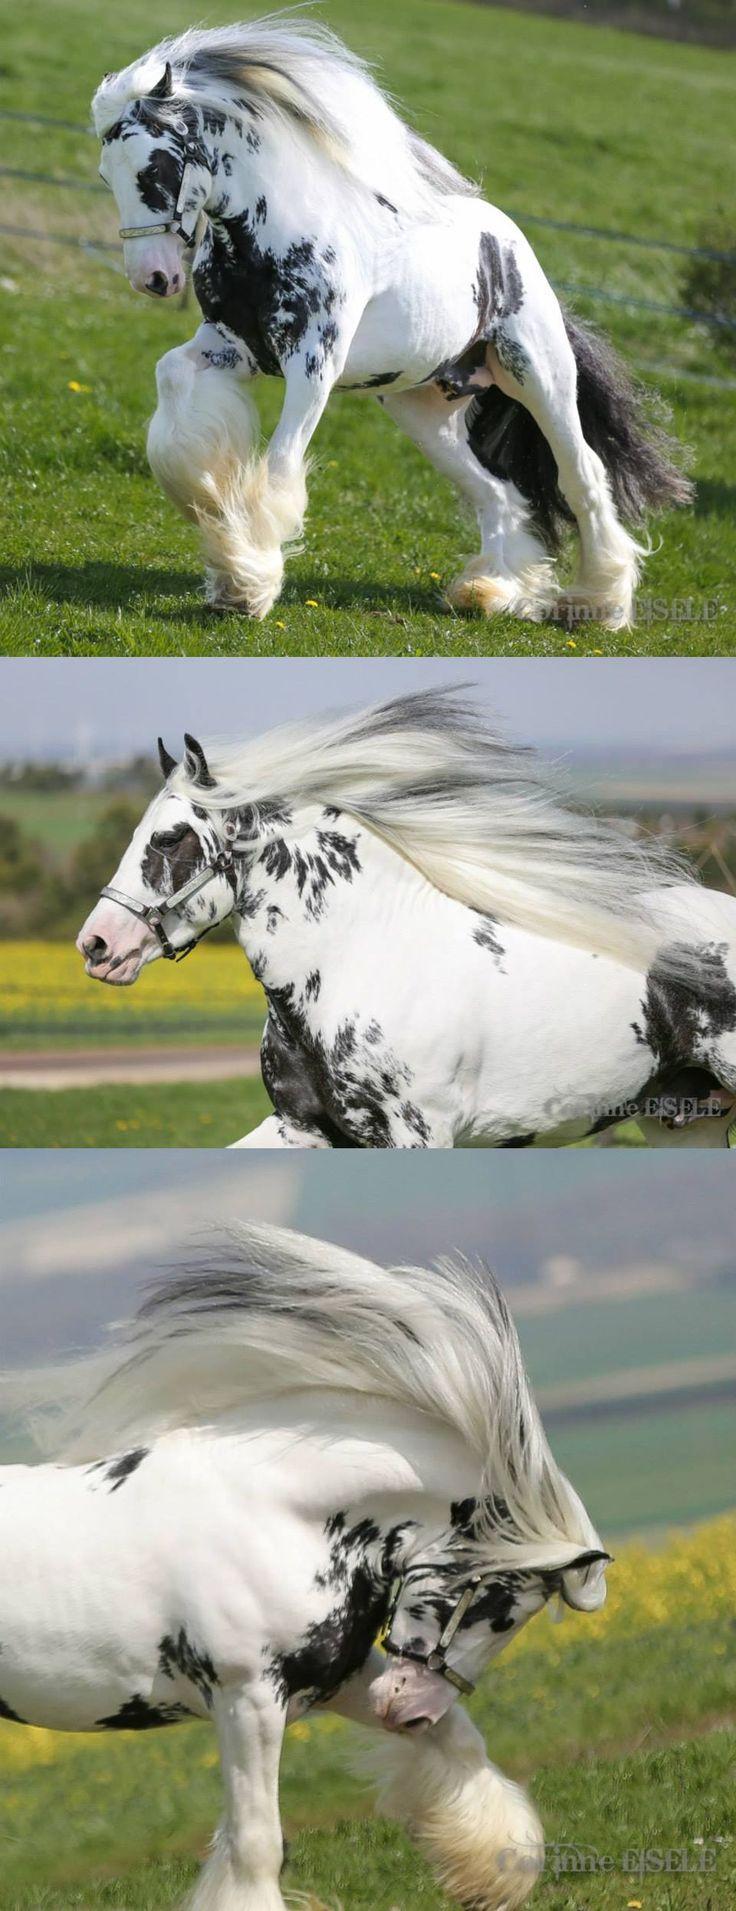 Splash (Gypsy Vanner Stallion) is very happy that Spring is here!   By Corinne Eisele